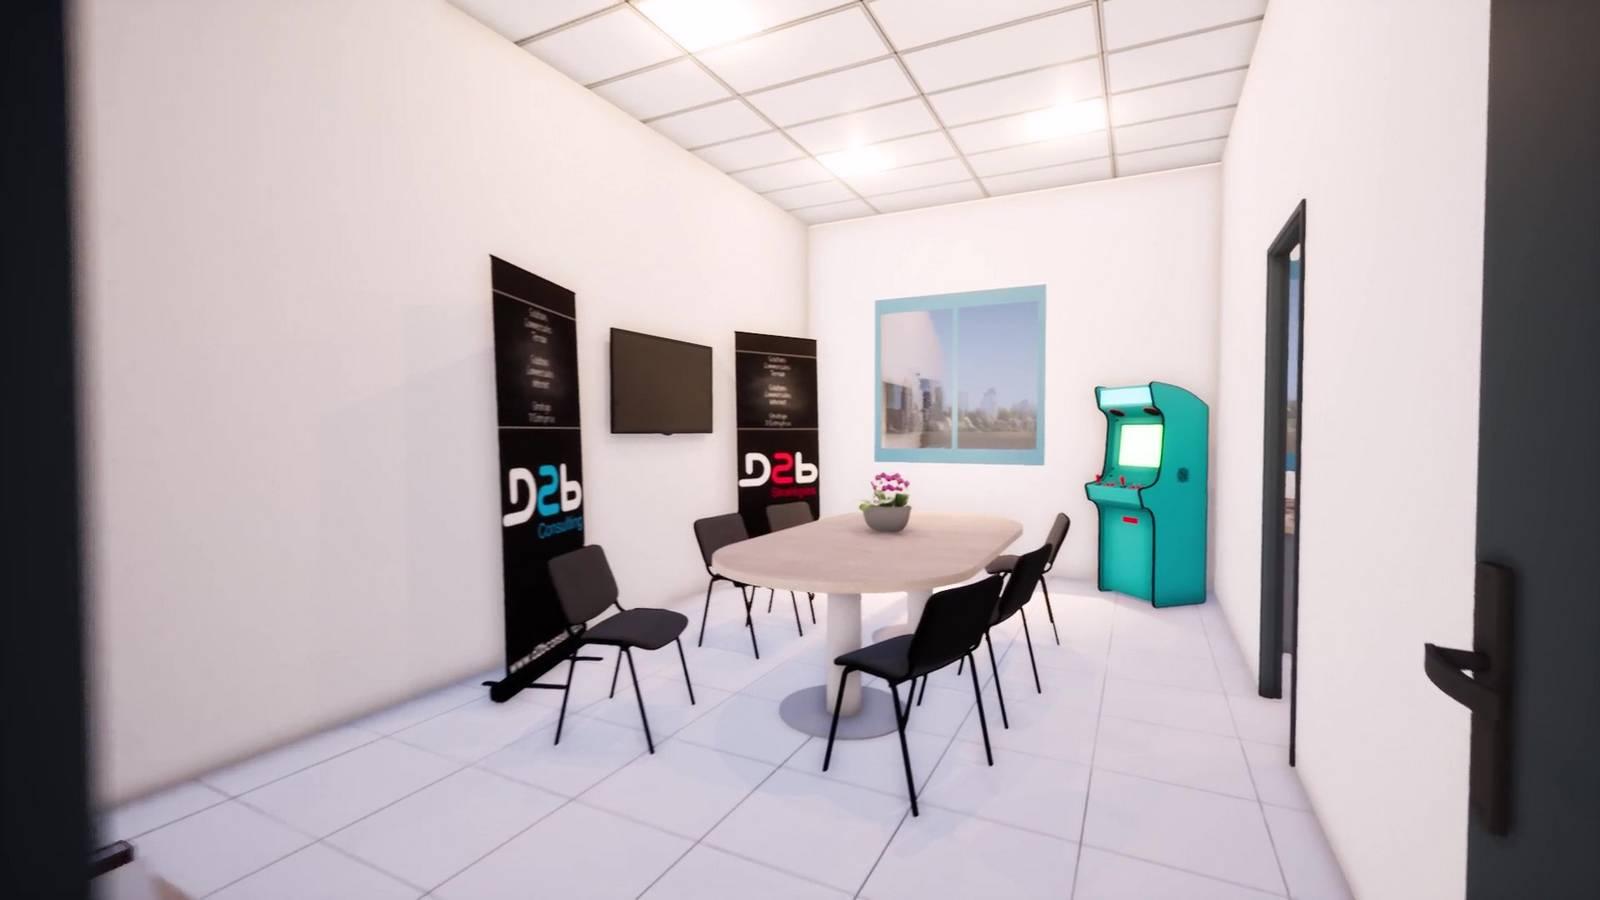 Inbound marketing, Stratégie commerciale, référencement nautrel D2b Consulting Lyon